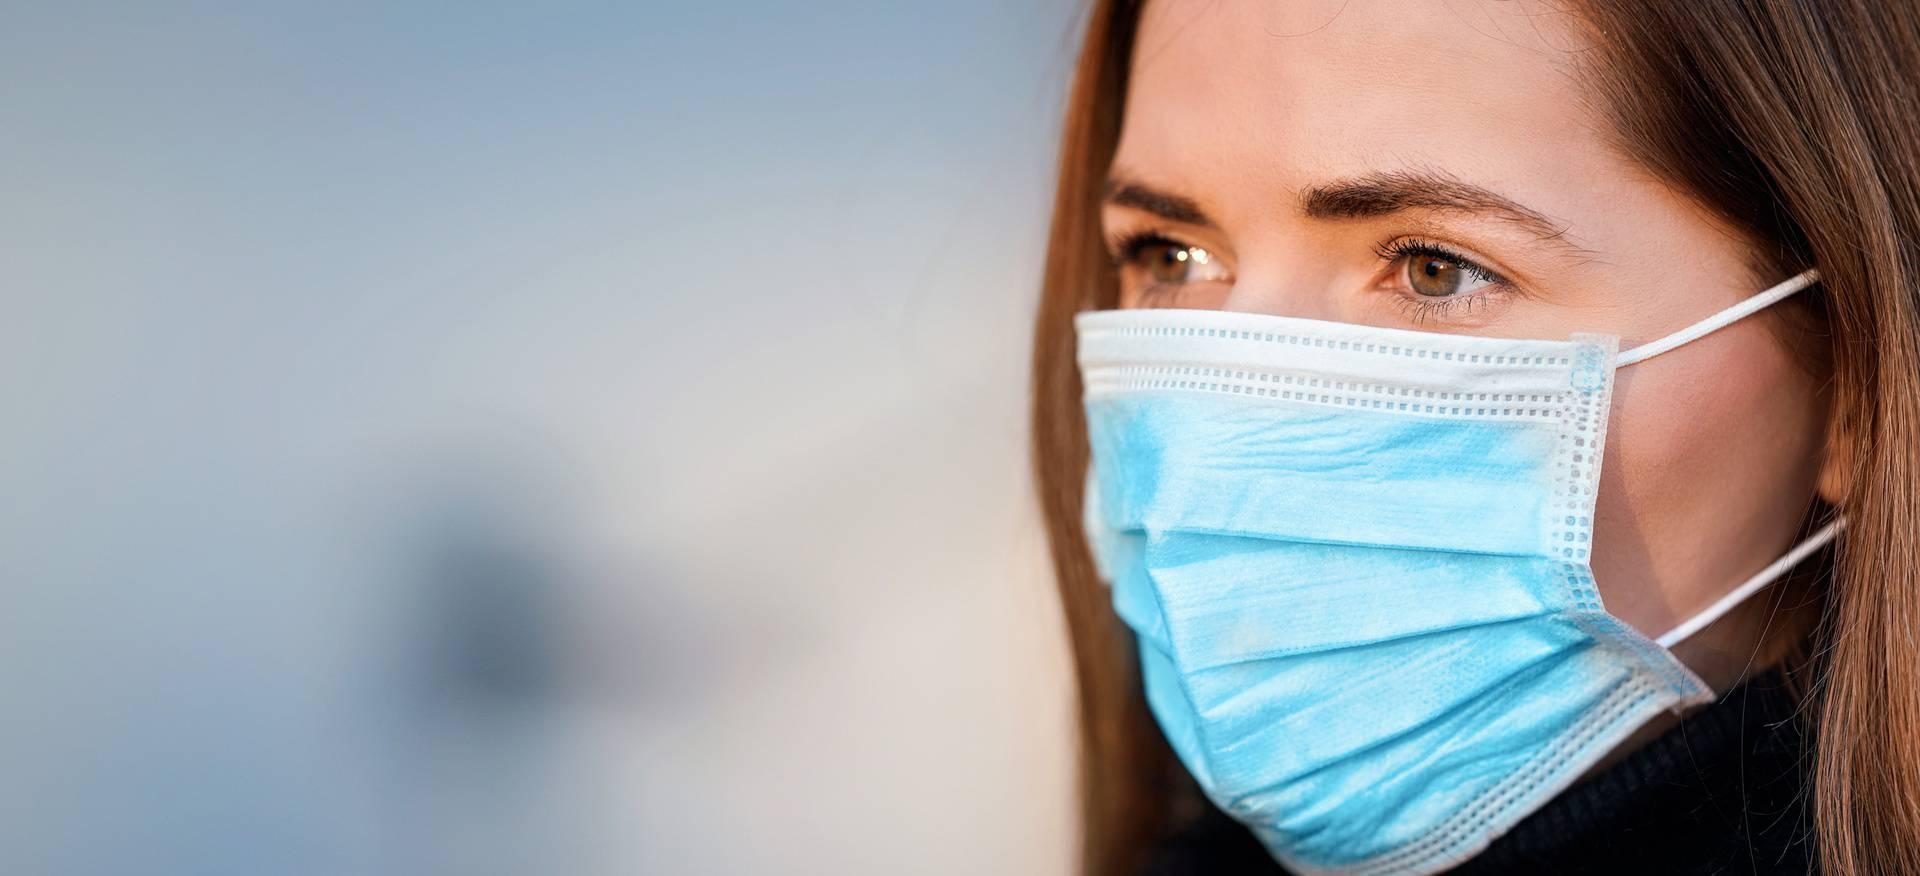 Eko organizacije ukazuju da su višekratne maske bolja opcija za okoliš od jednokratnih